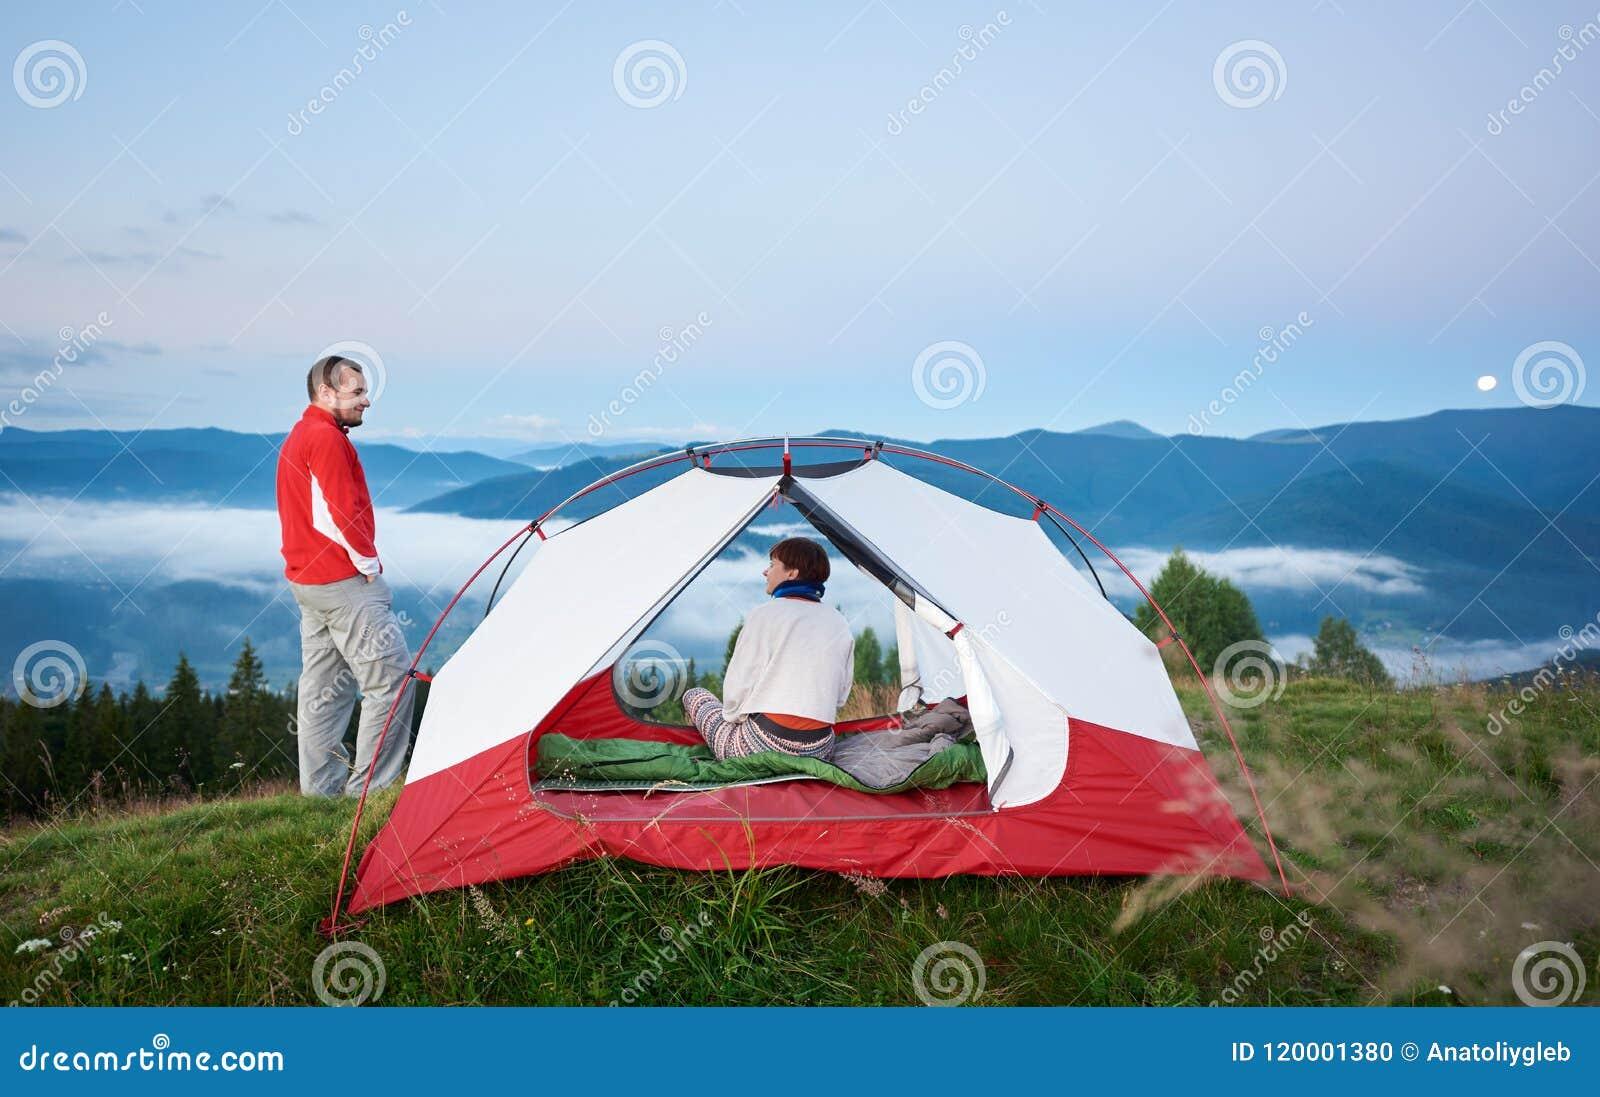 Obsługuje pozycję blisko namiotu w którym siedzi kobiety przeciw pięknej scenerii możne góry